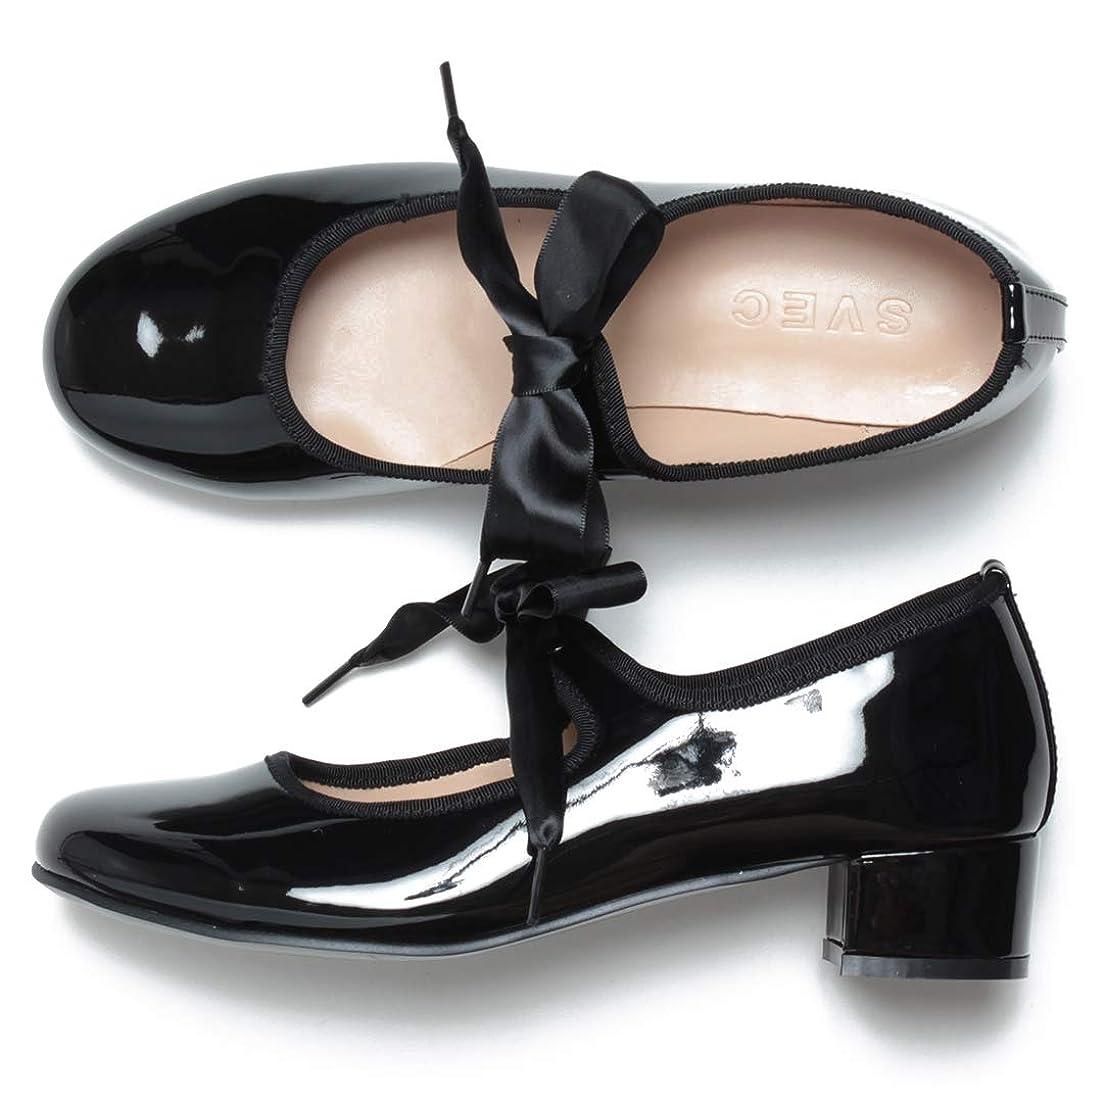 マットレス胚アイデア[シュベック] パンプス バレエシューズ フラットシューズ カンフーシューズ ストラップシューズ ダンスシューズ チャンキーヒール ペタンコ ぺたんこ ラウンドトゥ リボン 走れるパンプス レディース 春 靴 [ ZNX112C ]